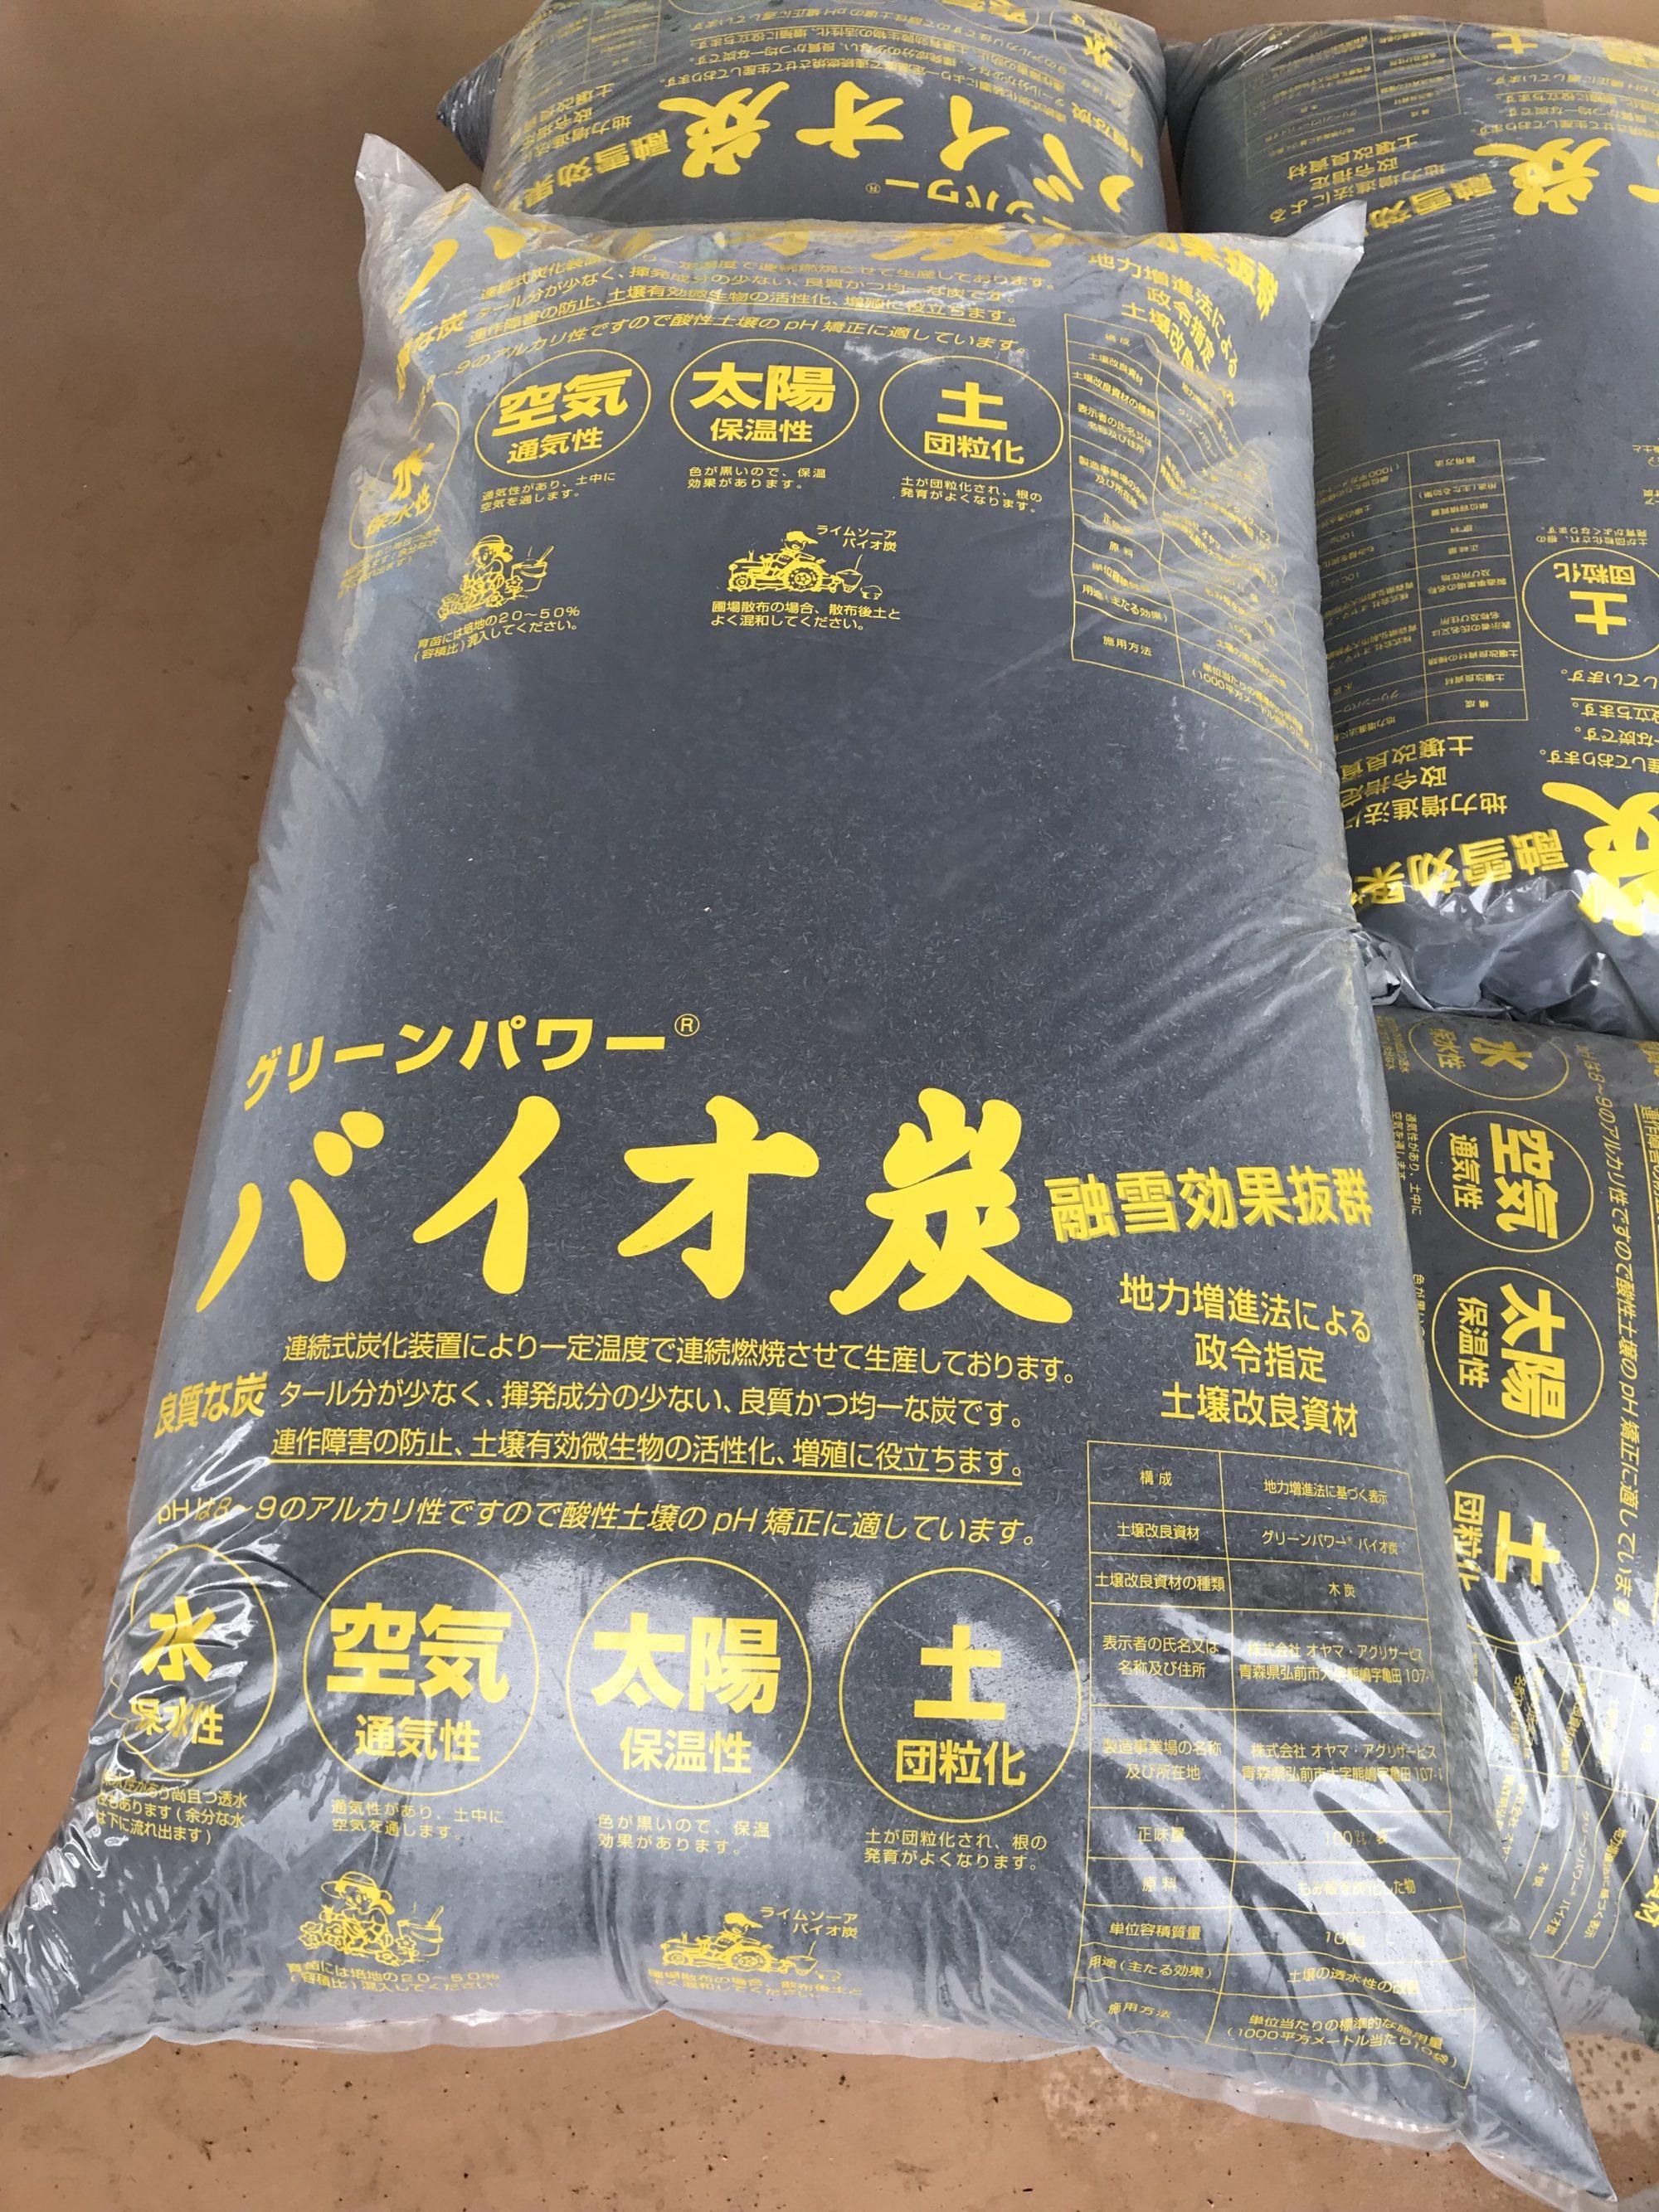 オヤマアグリサービス 自社製 もみ殻くん炭